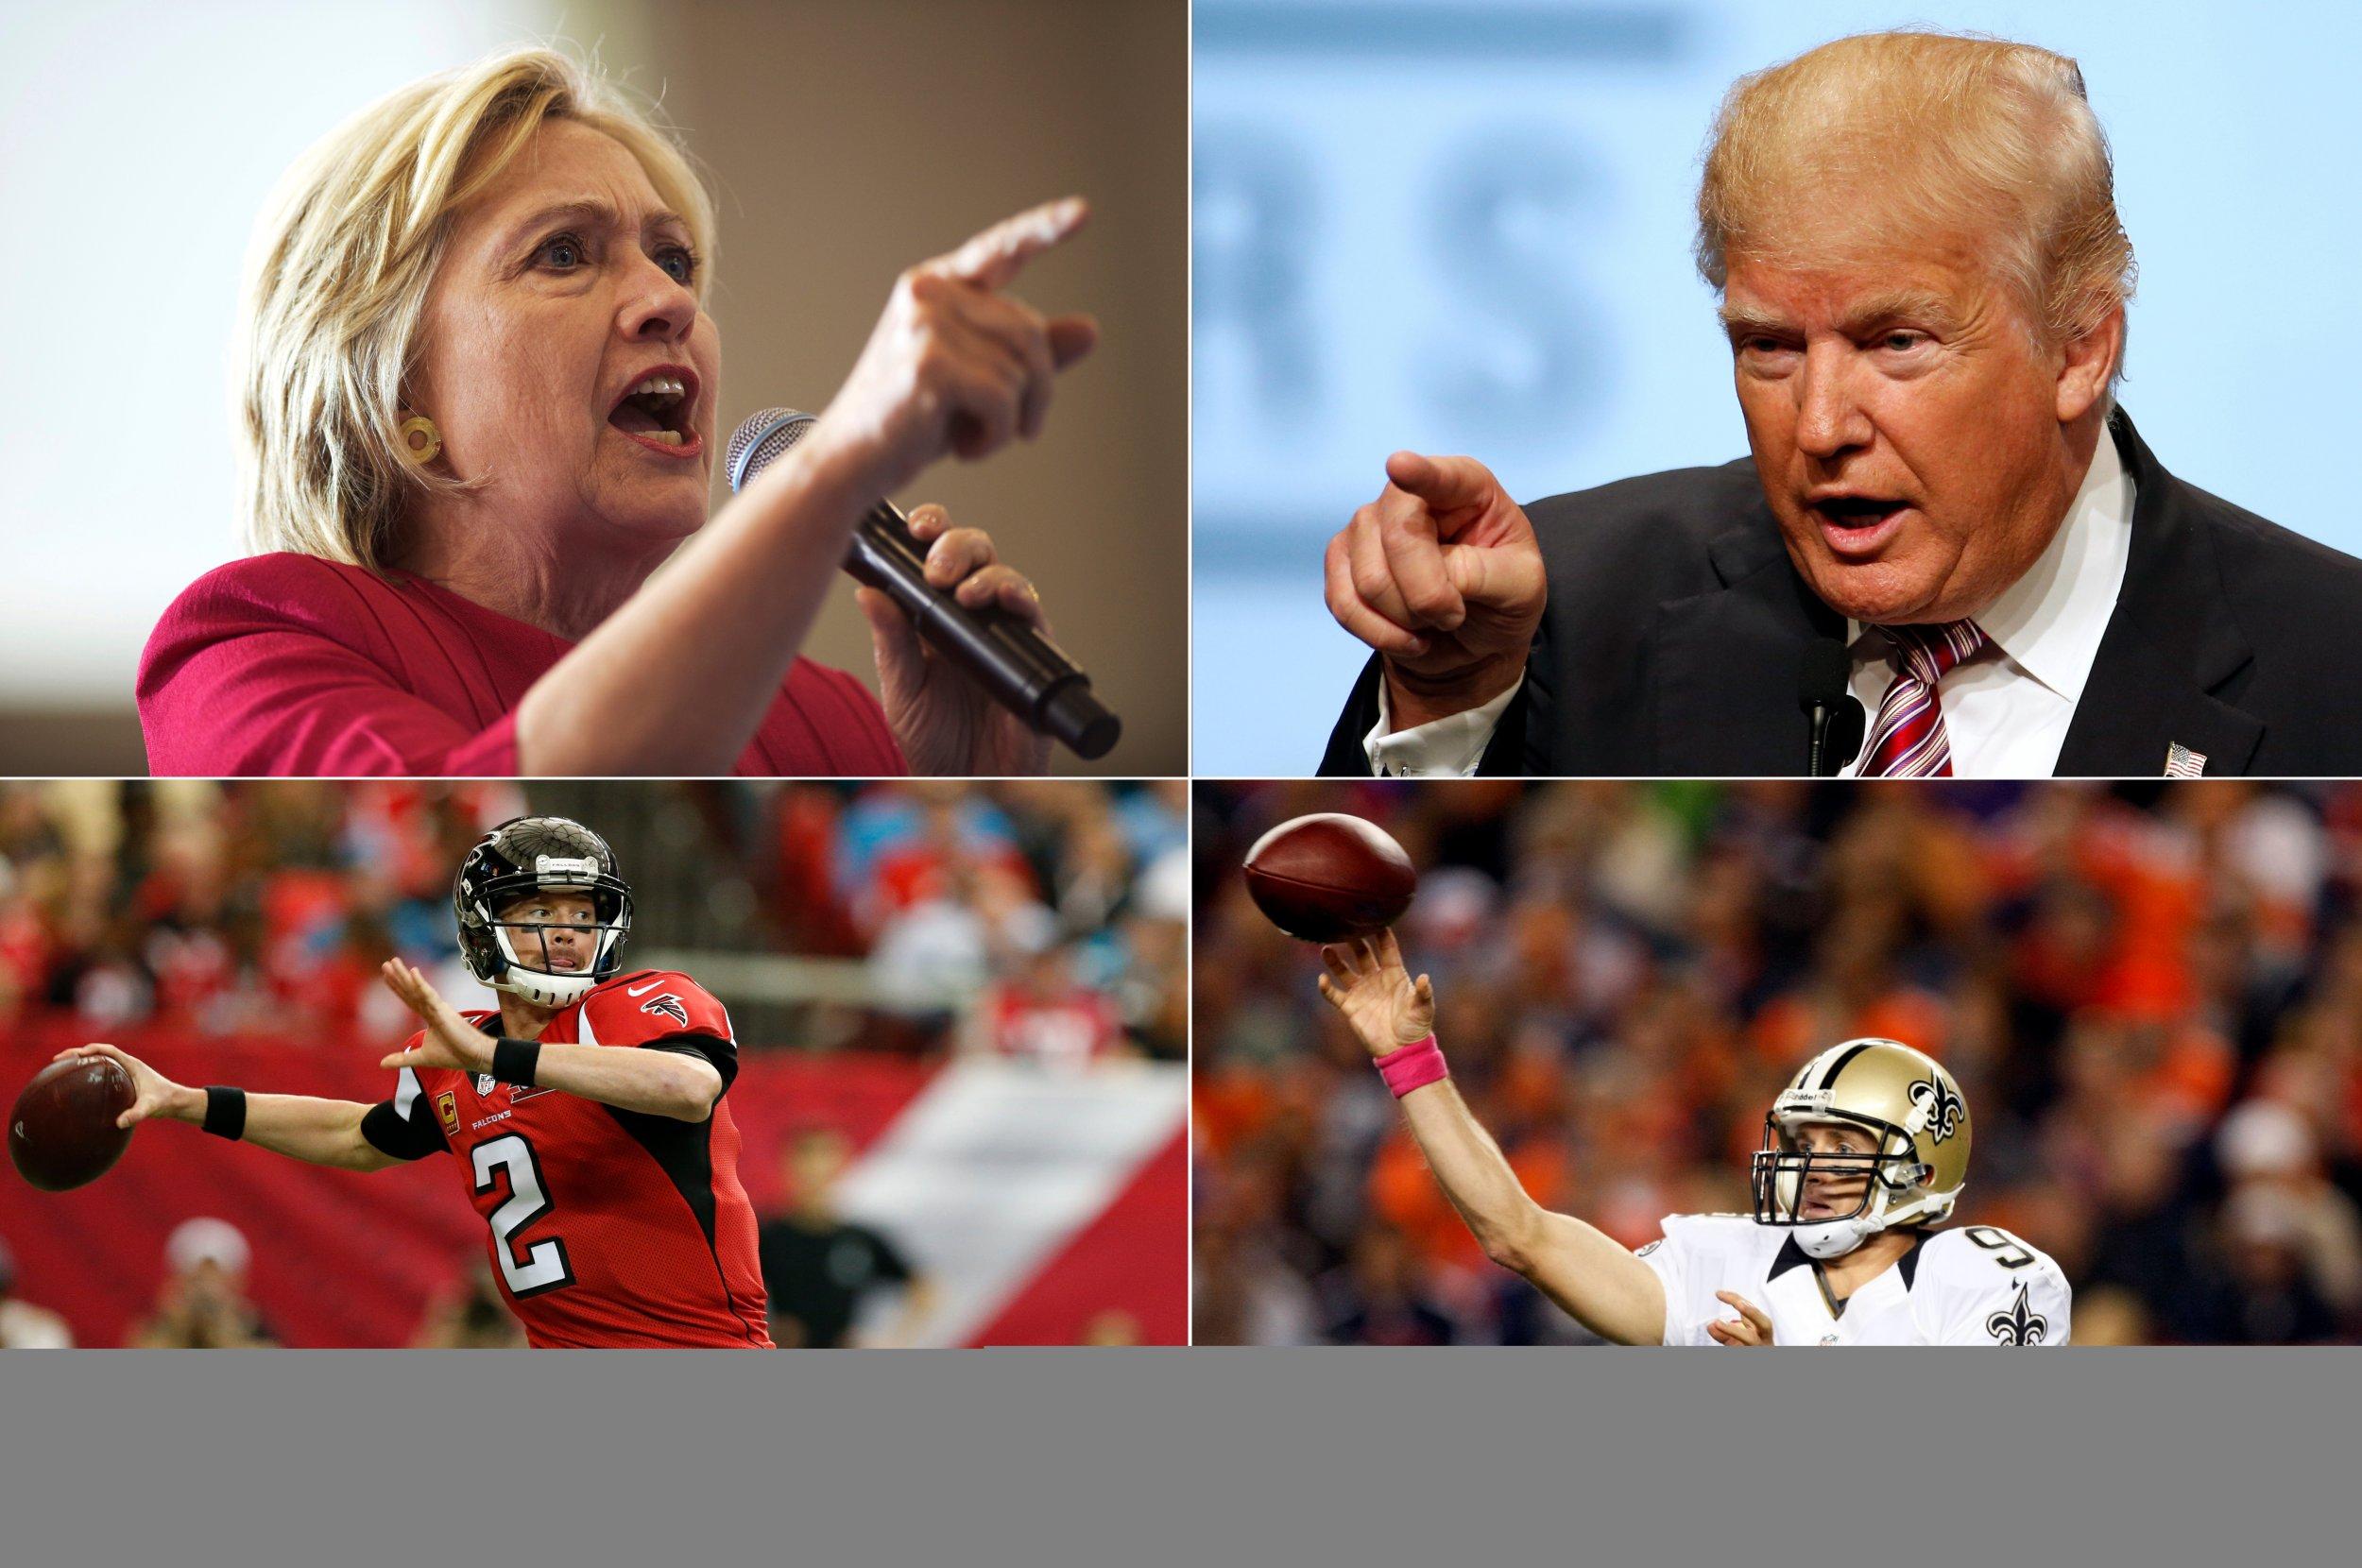 08_17_presidential_debates_NFL_01